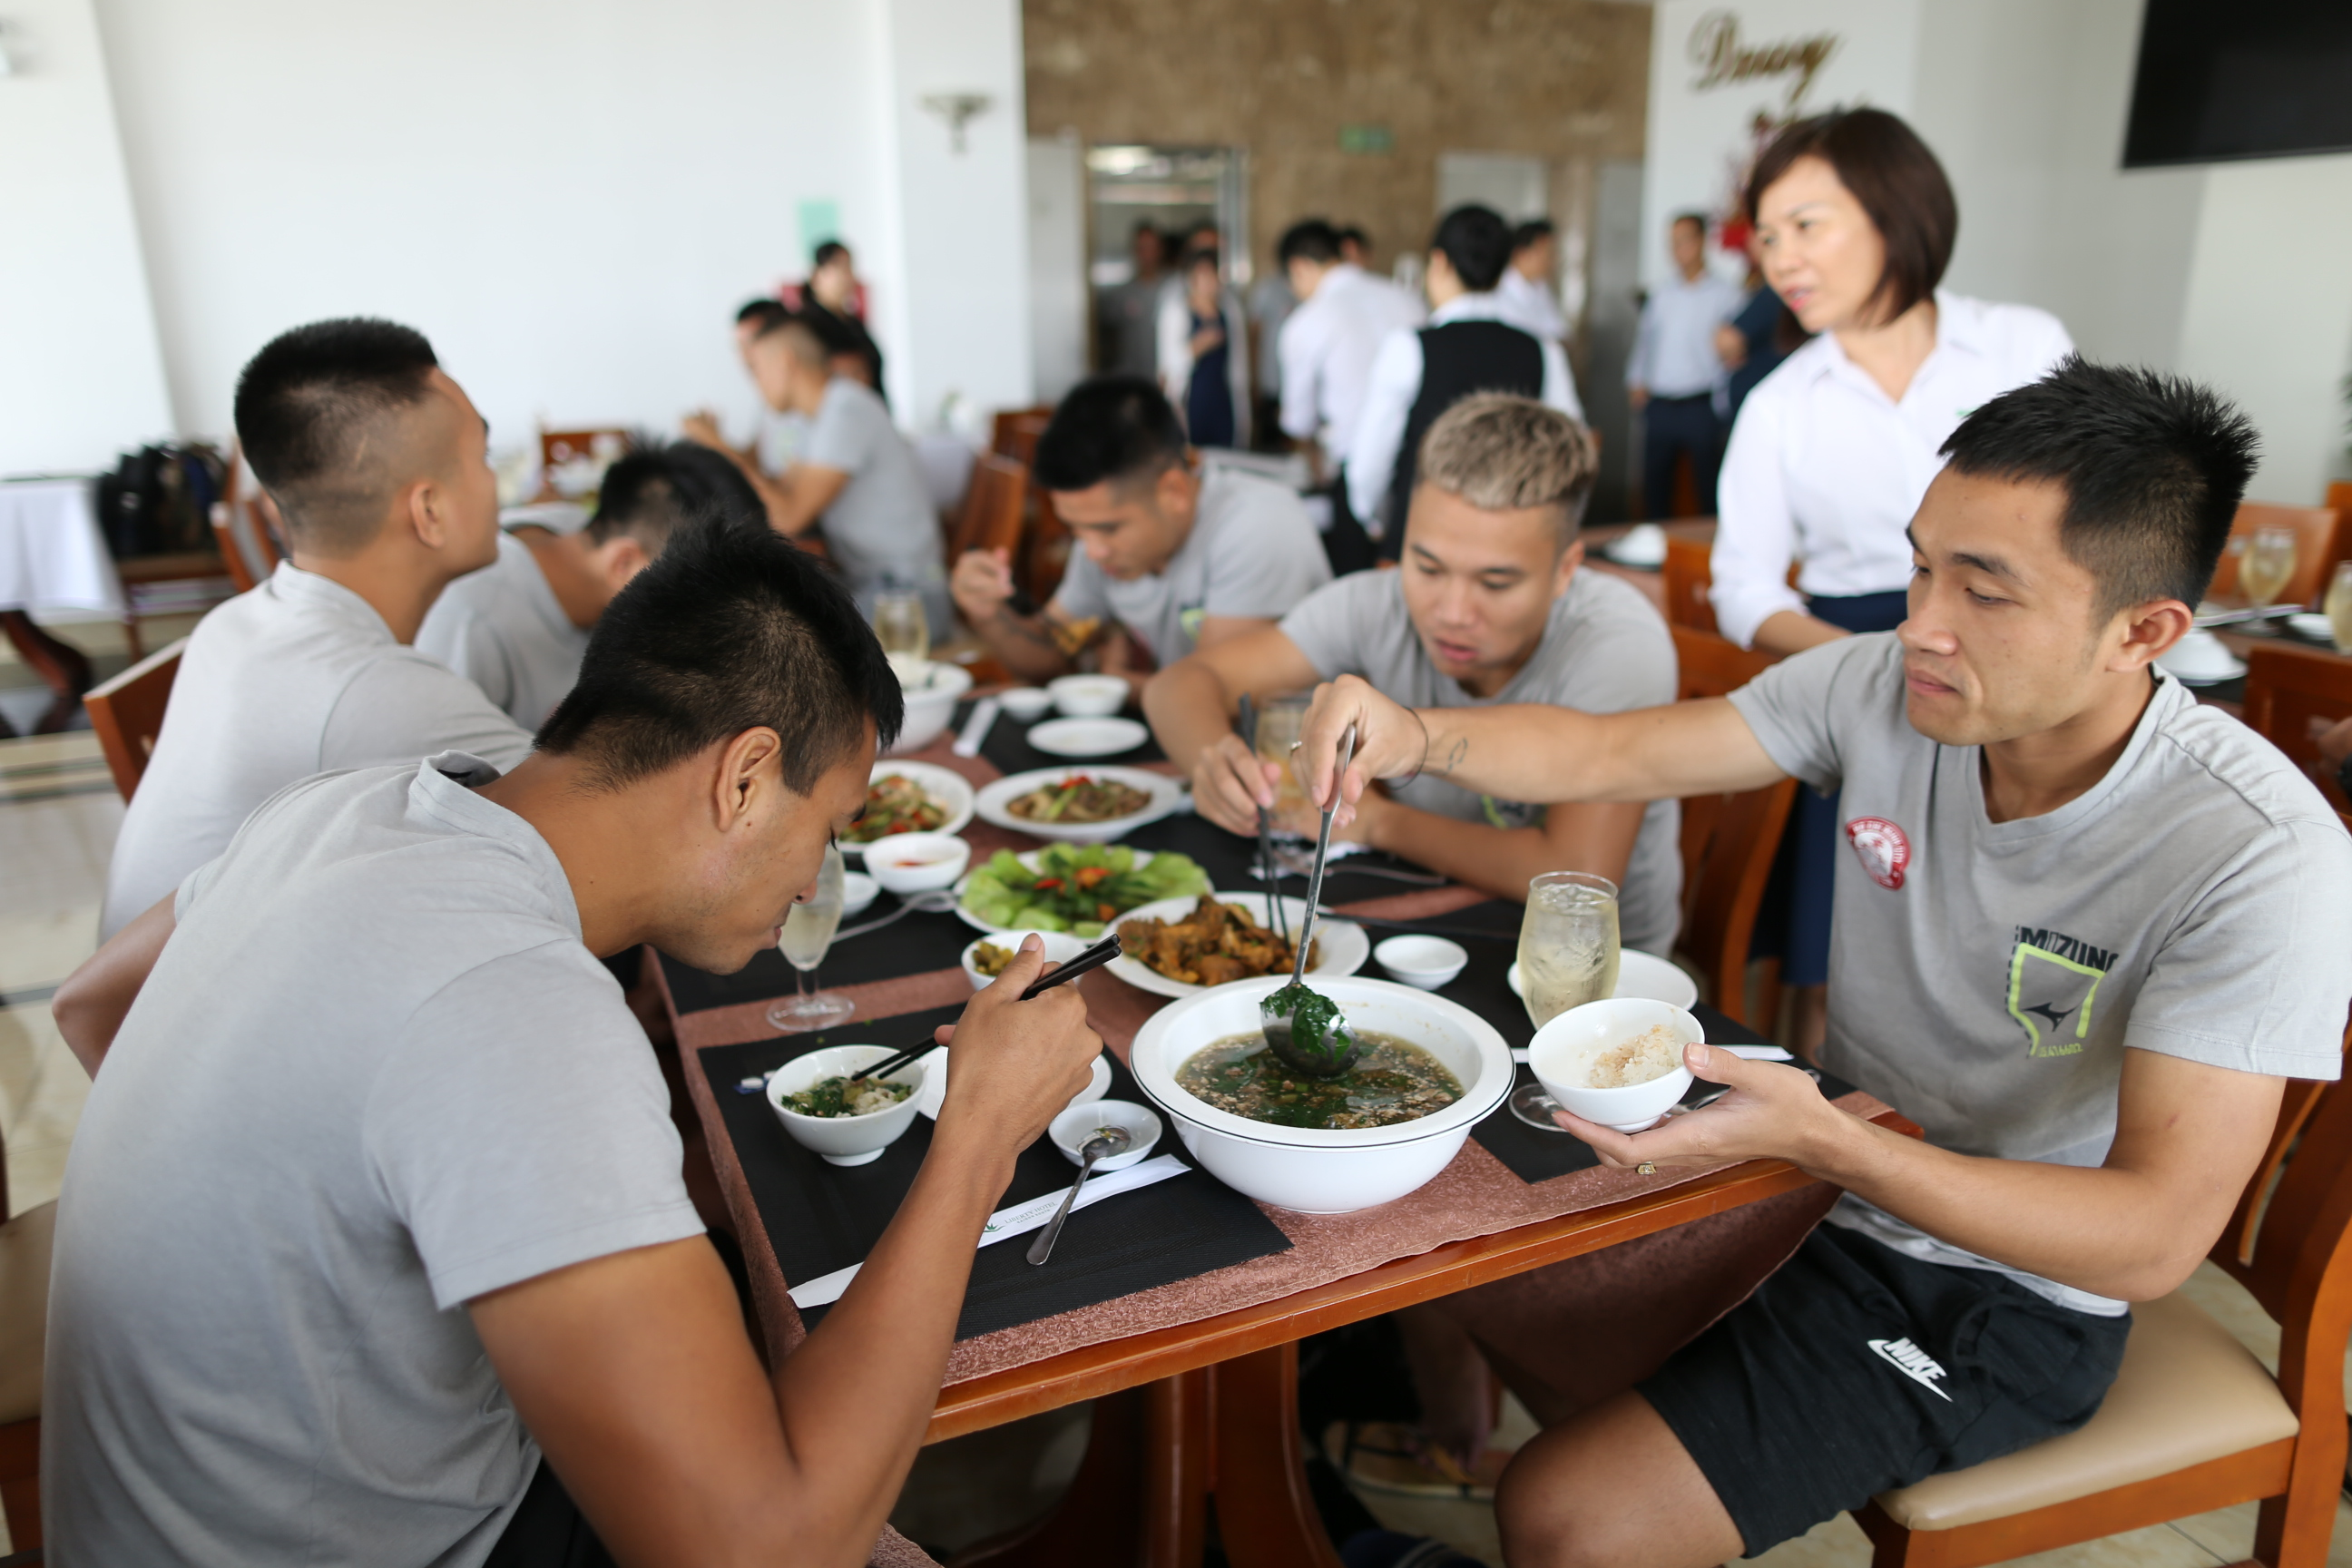 Đội bóng HLV Miura tăng cường dinh dưỡng sẵn sàng bứt tốc giai đoạn cuối V-League 2018 - Bóng Đá